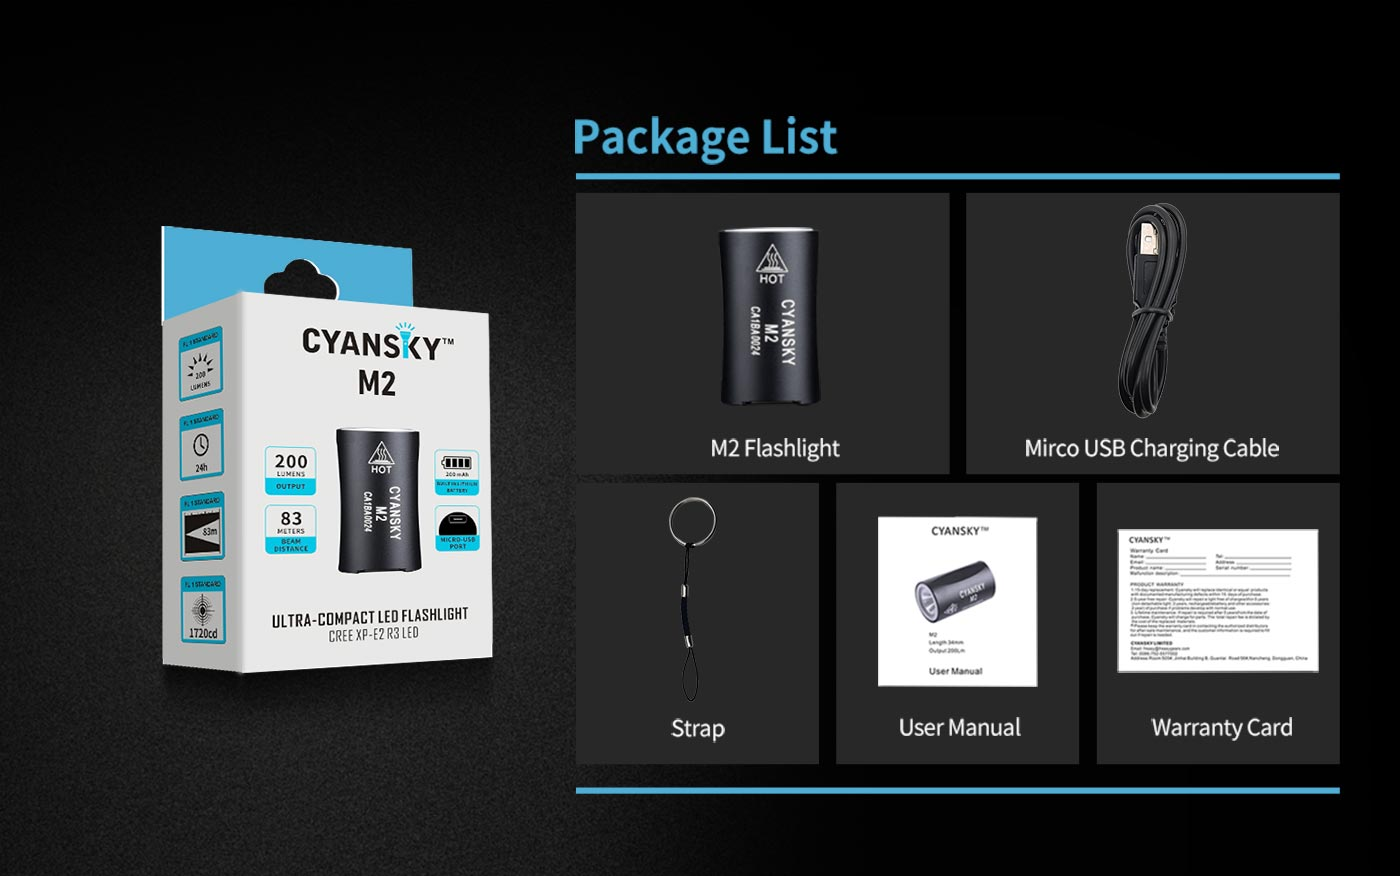 best aaa keychain flashlight, promotional keychain flashlight, personalized keychain flashlight